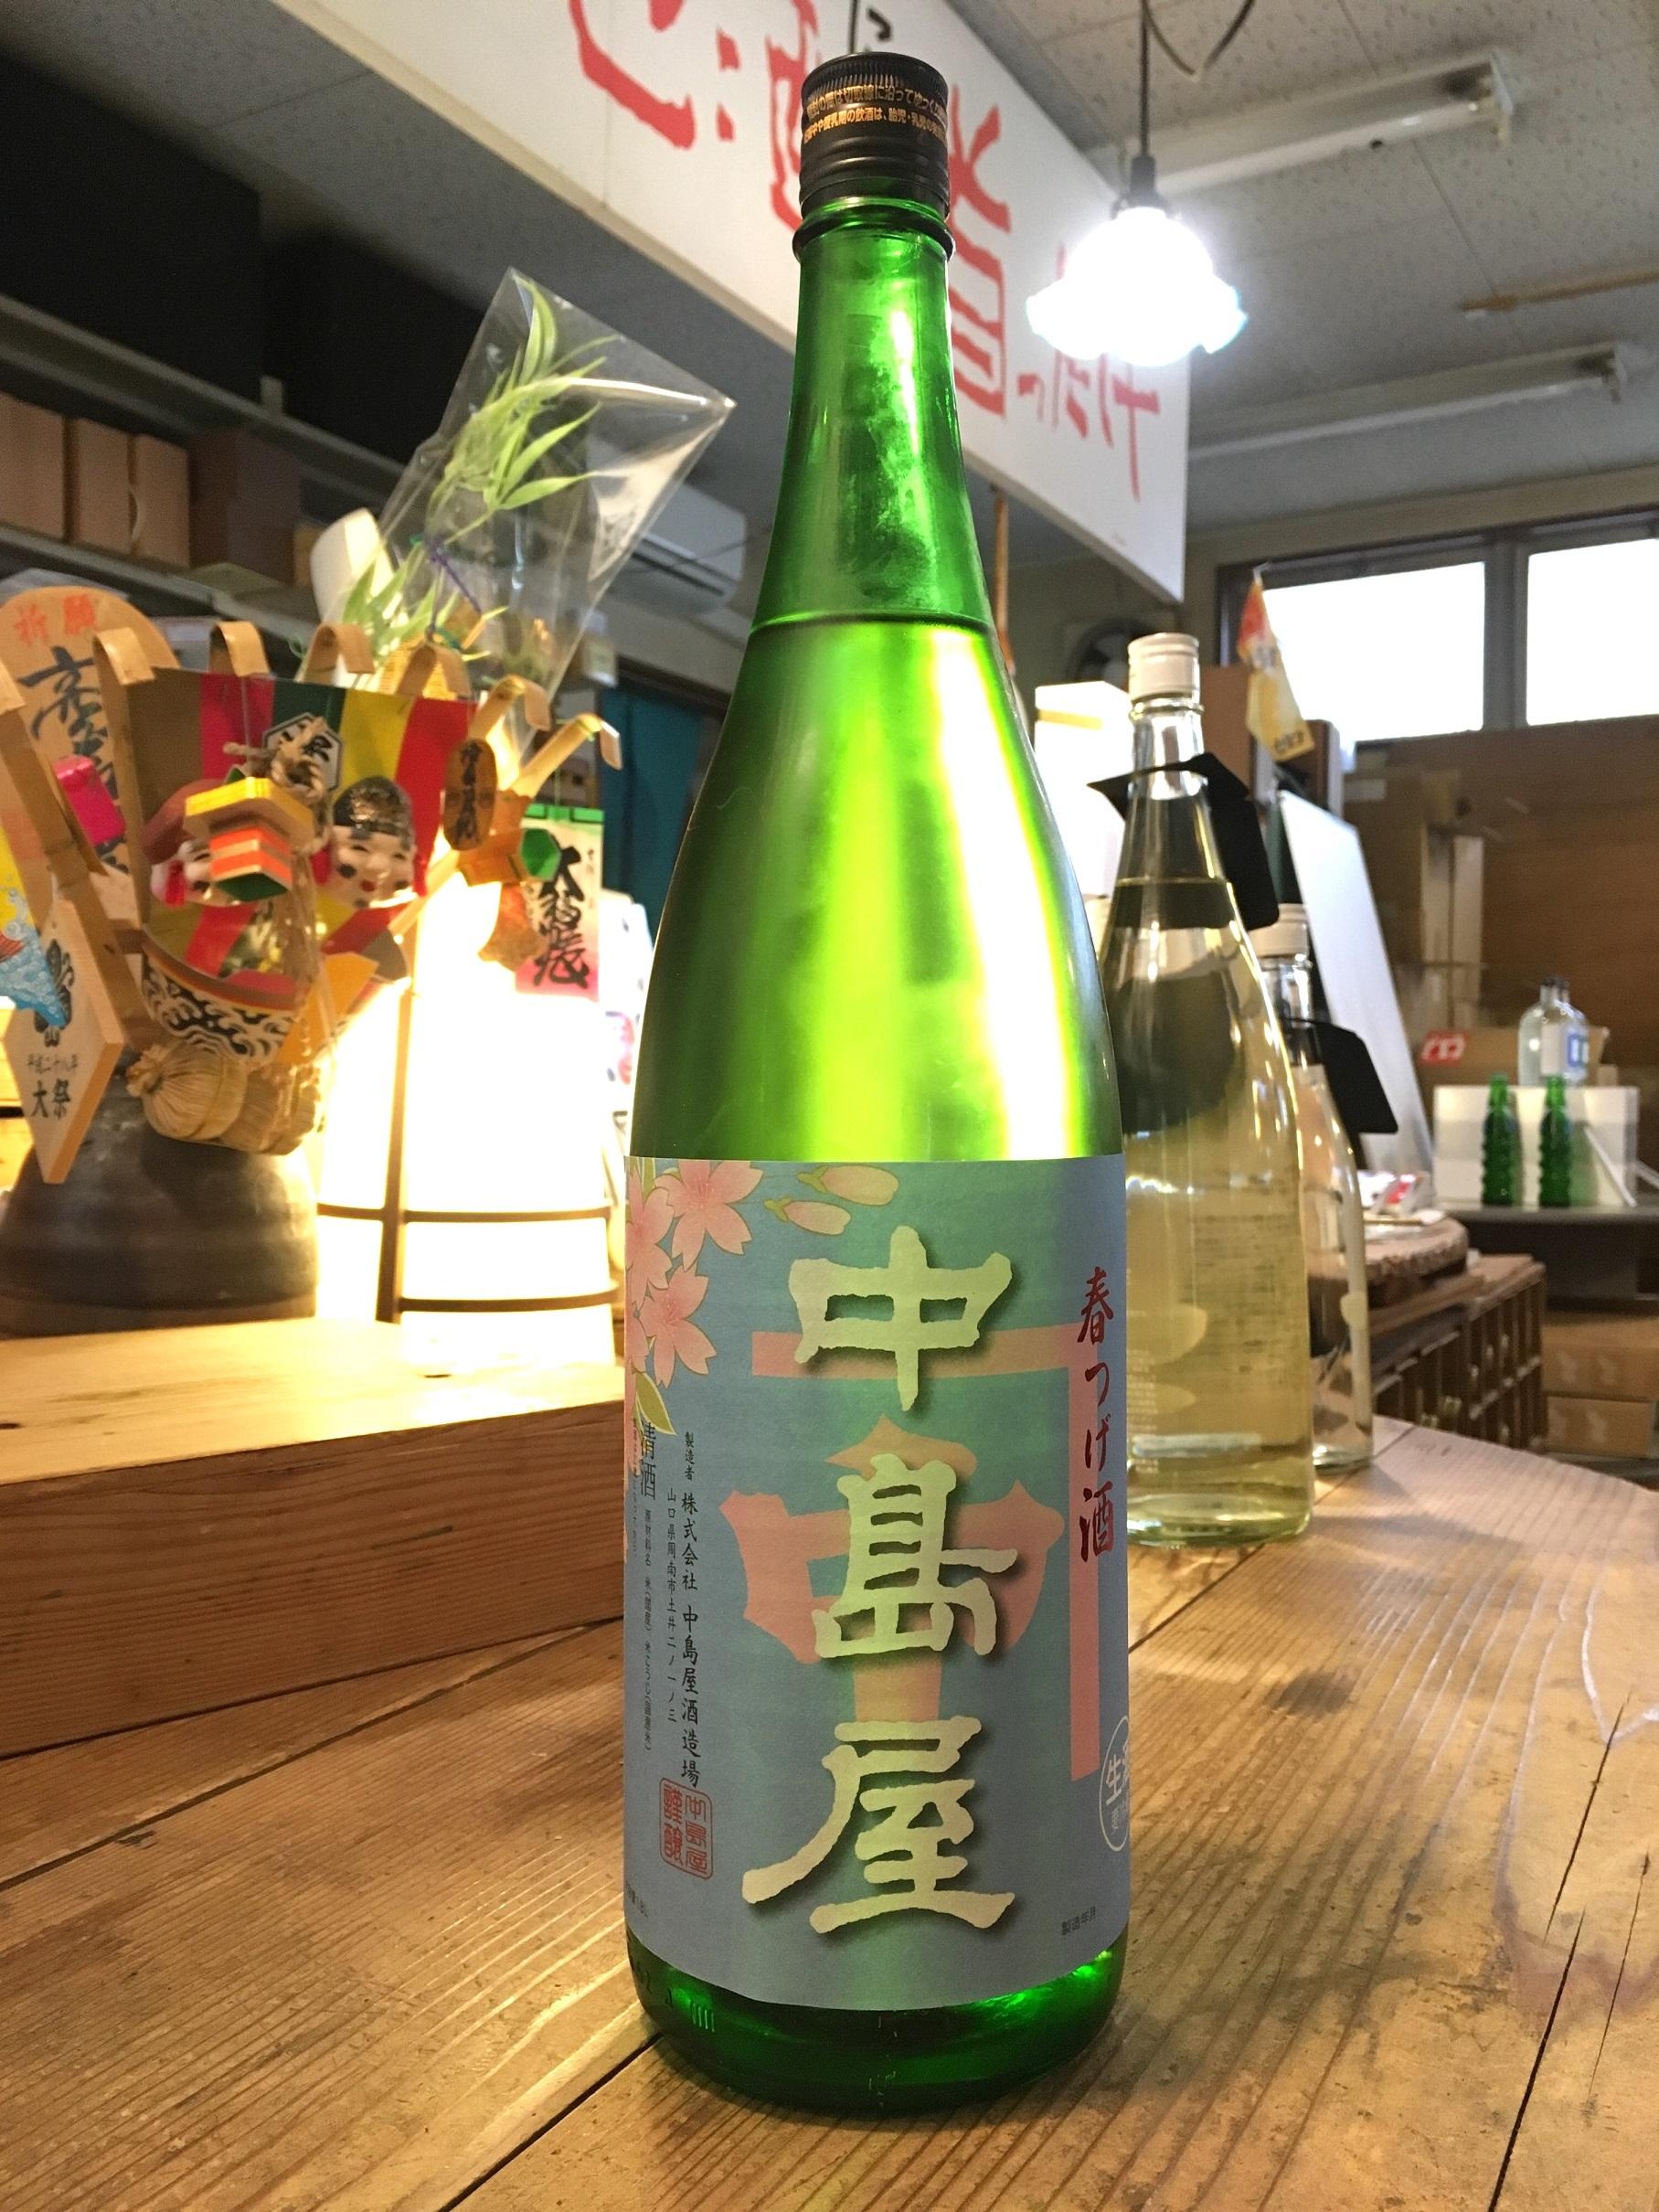 中島屋春つげ酒2019 - コピー